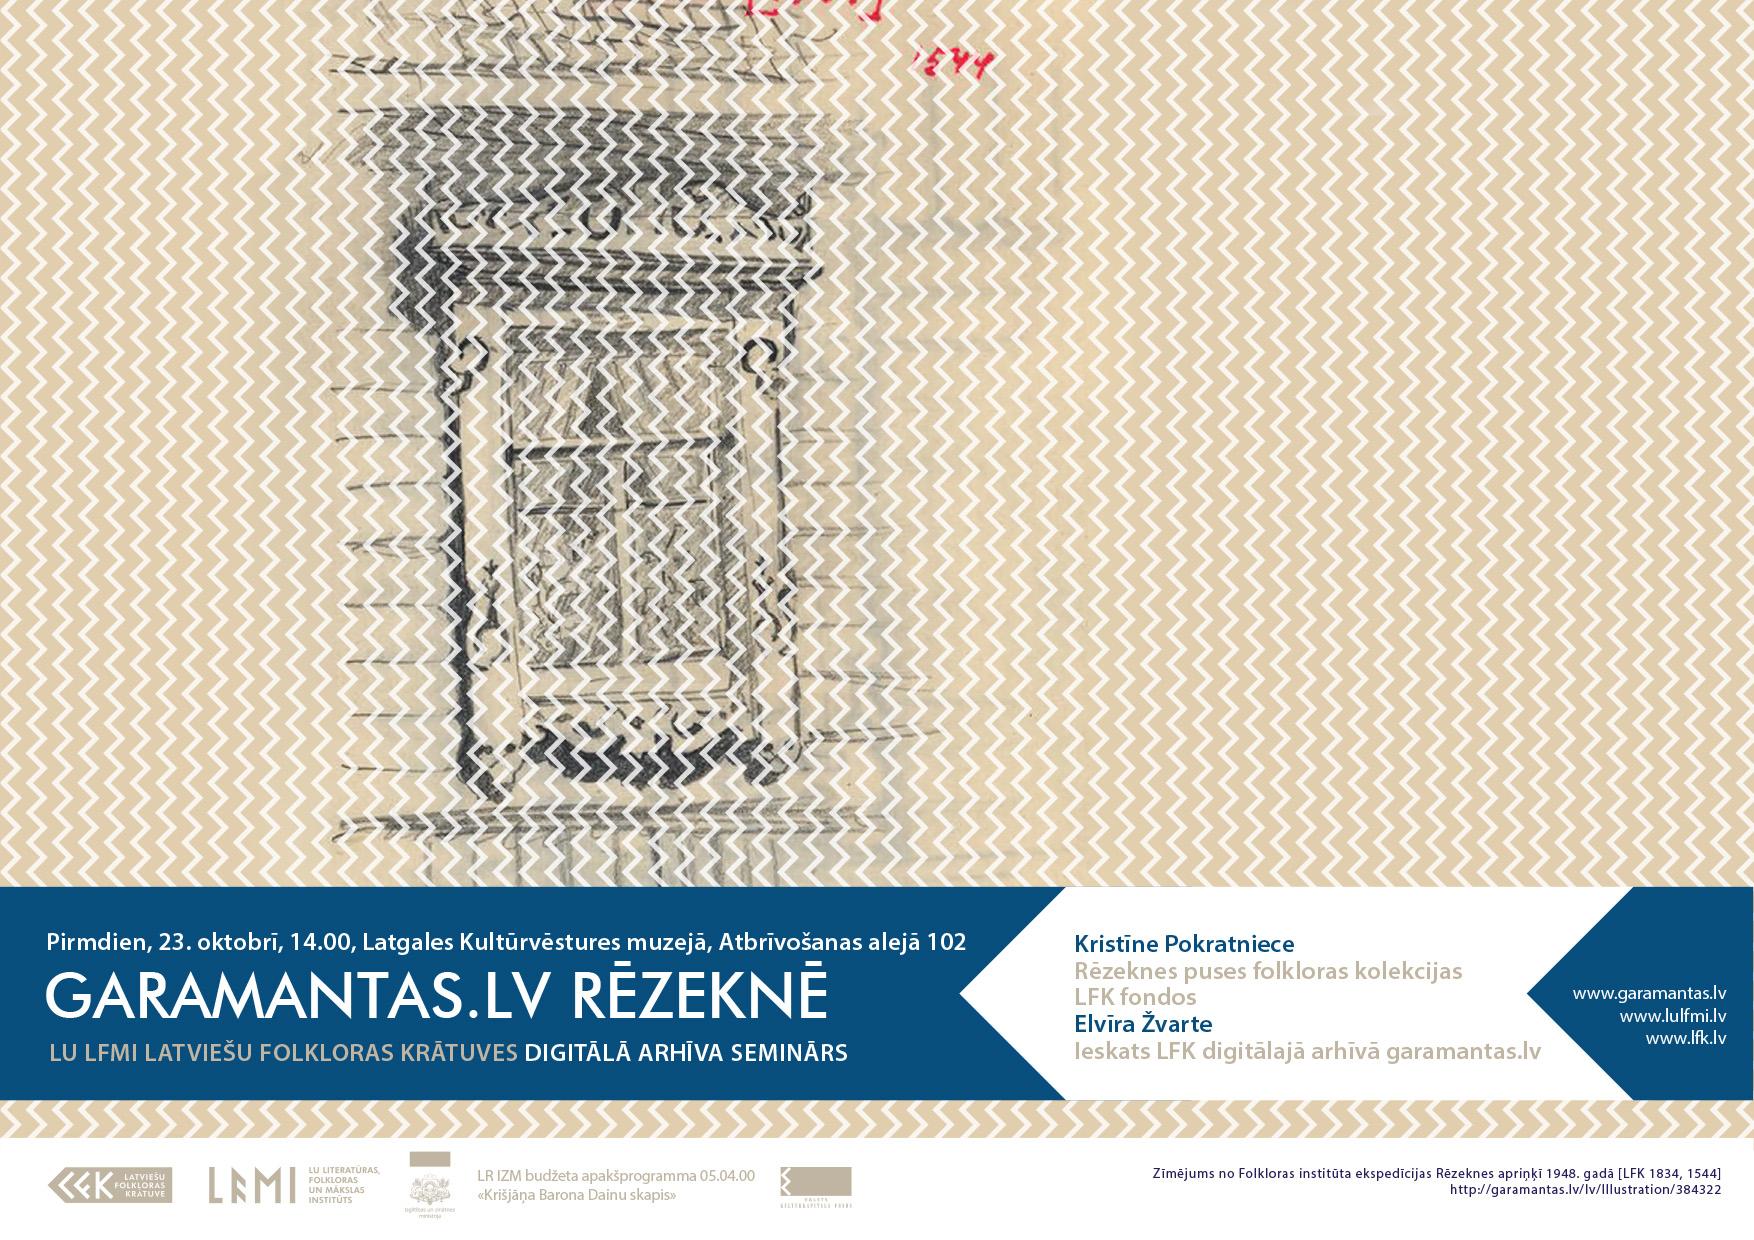 LFK_seminars_Rezekne-23.okt-5b6837b6ad300.jpg